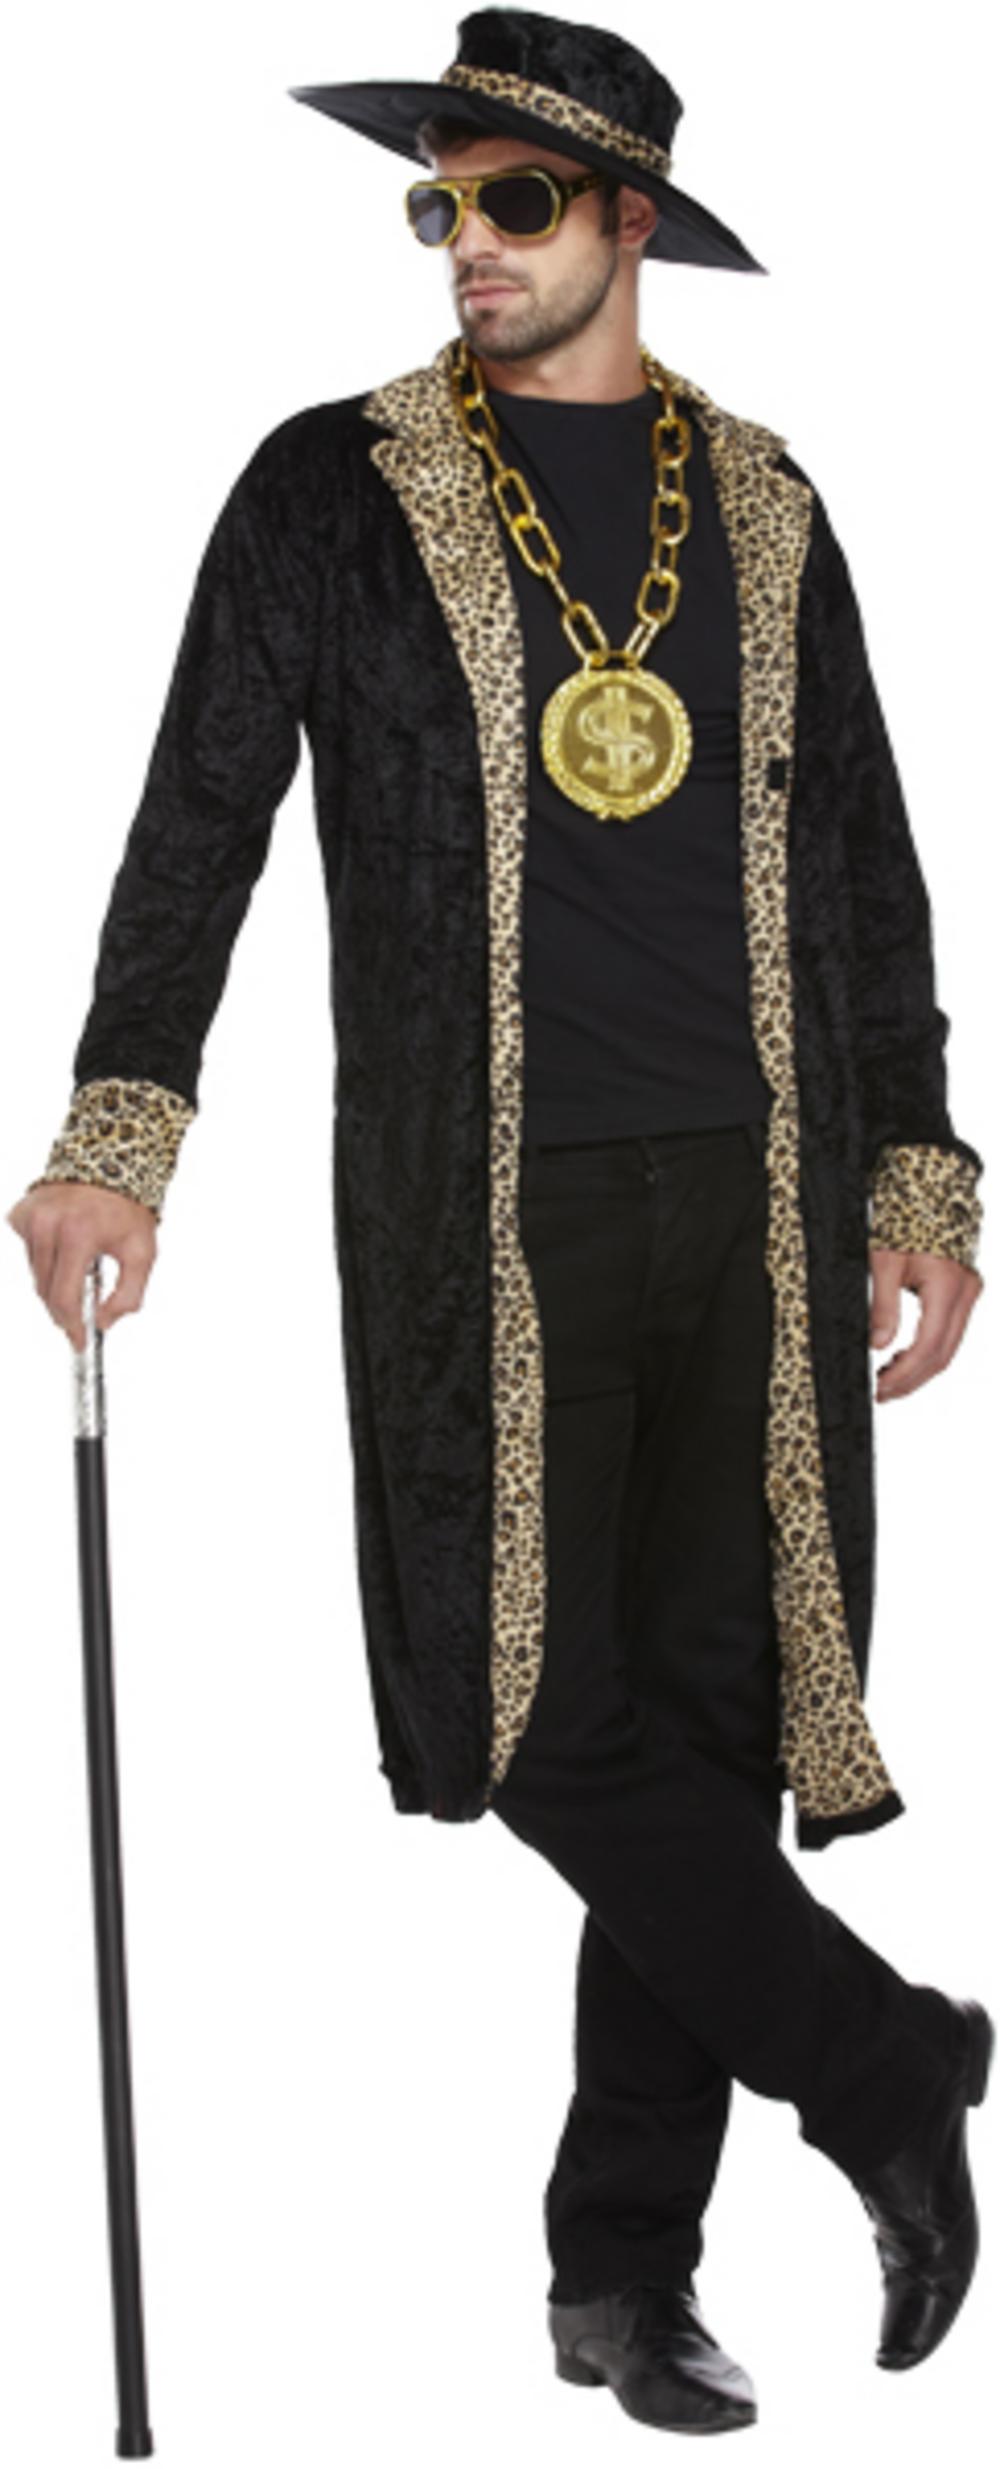 70s Pimp Black Costume